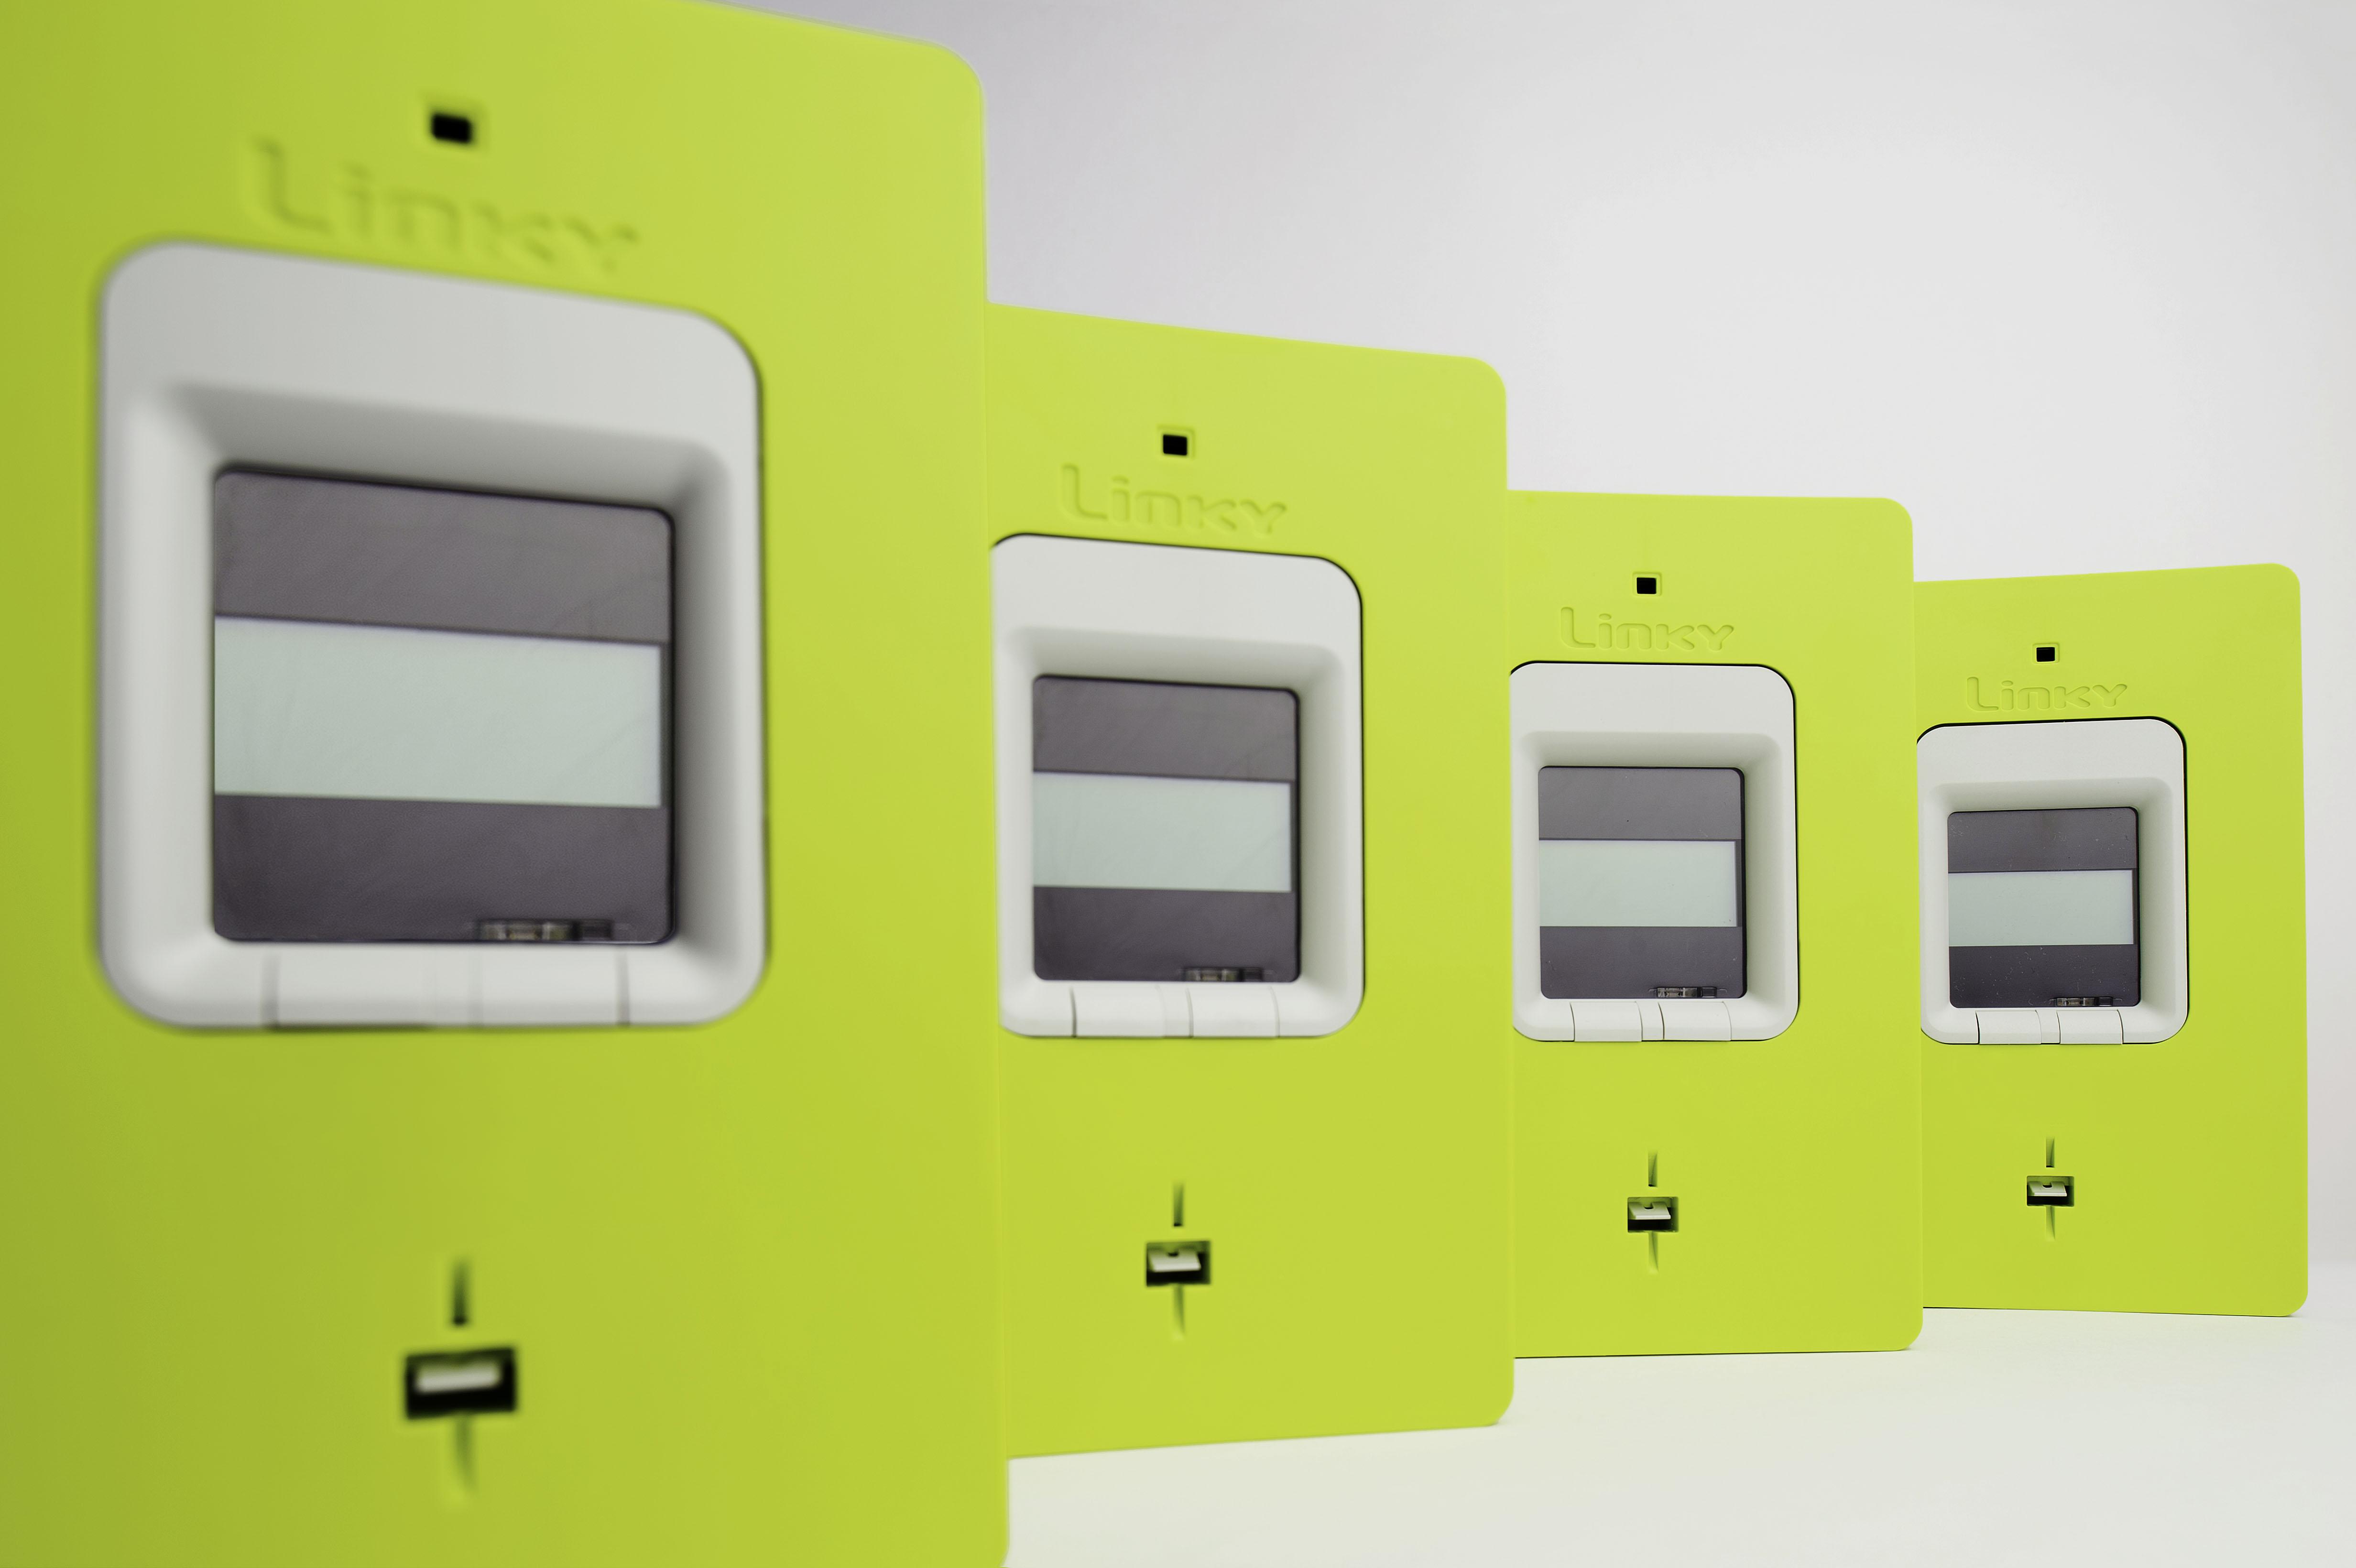 le compteur linky et les pollutions lectromagn tiques r ponses bio. Black Bedroom Furniture Sets. Home Design Ideas